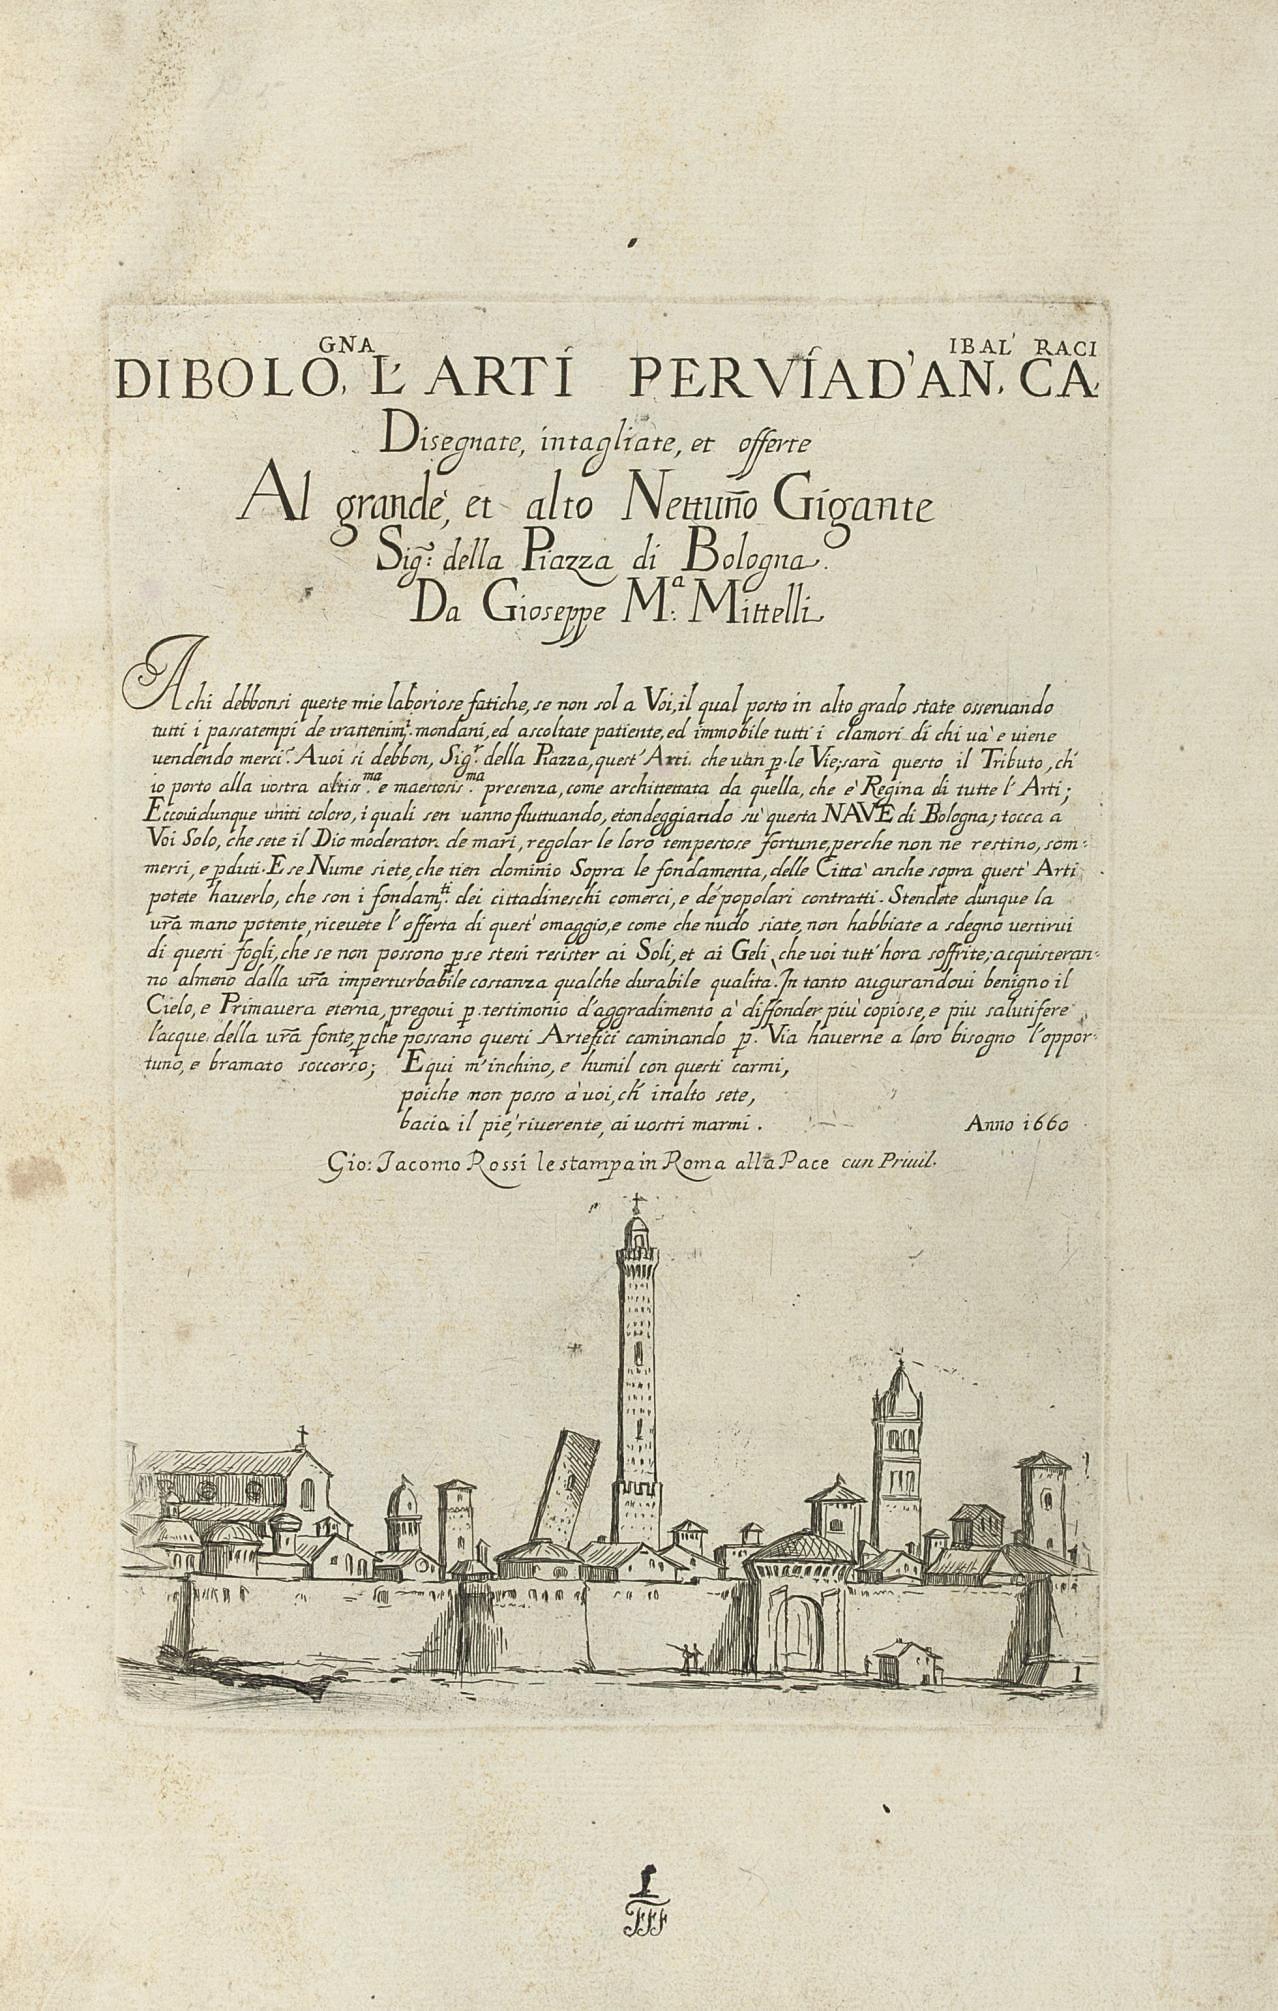 MITELLI, Giuseppe Maria (1634-